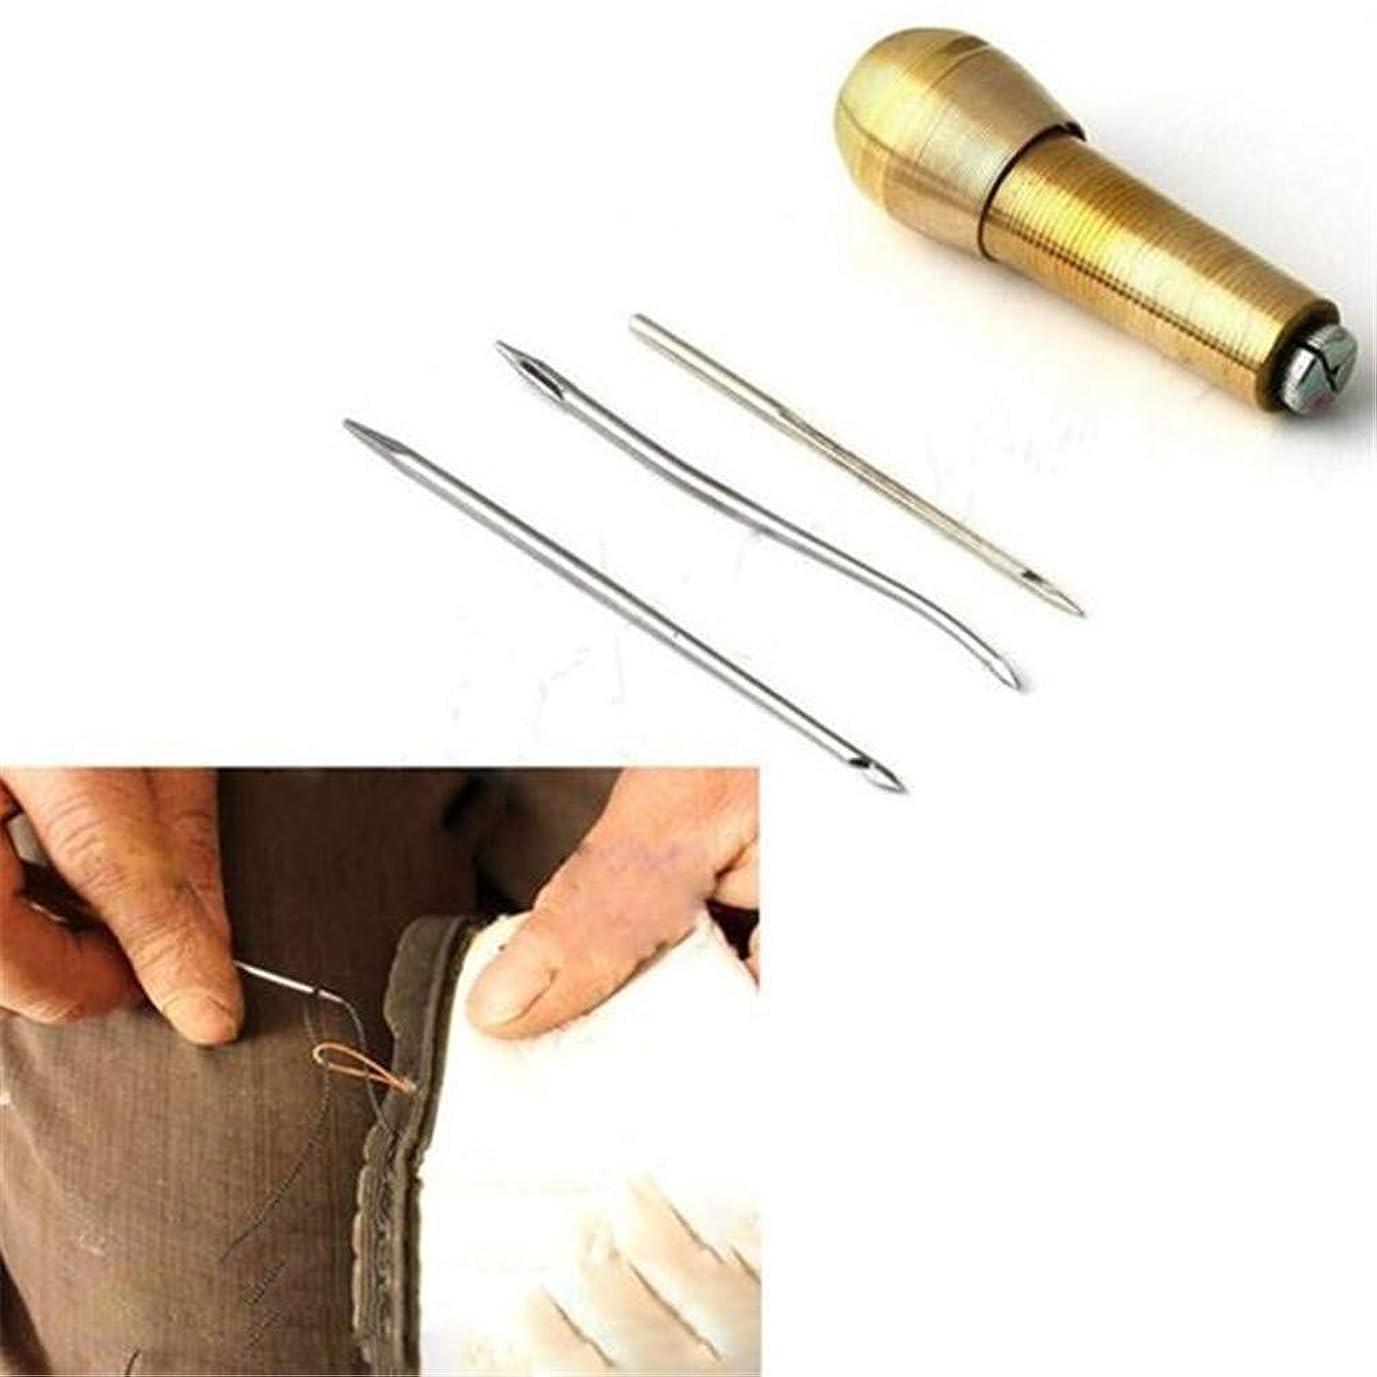 スチュワード復活させる経度LVESHOP ミシンフックコーン、3本針付き銅ハンドル